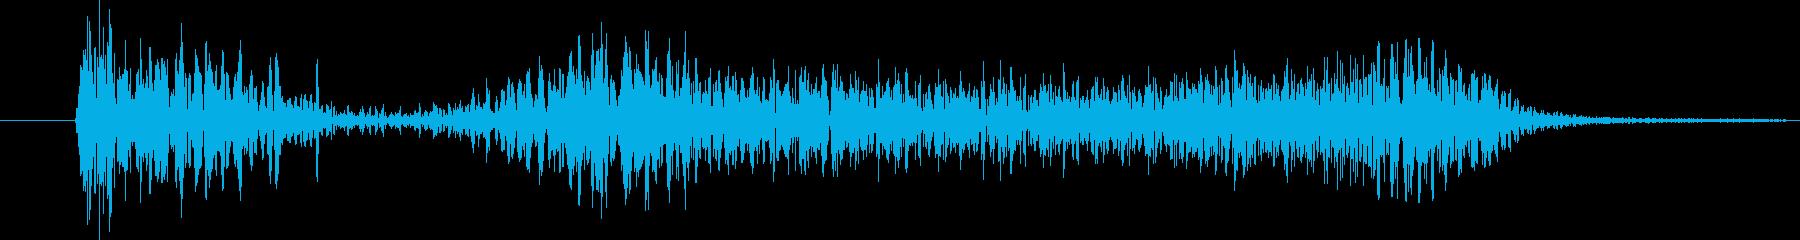 クイックインアンドアウトショートの再生済みの波形